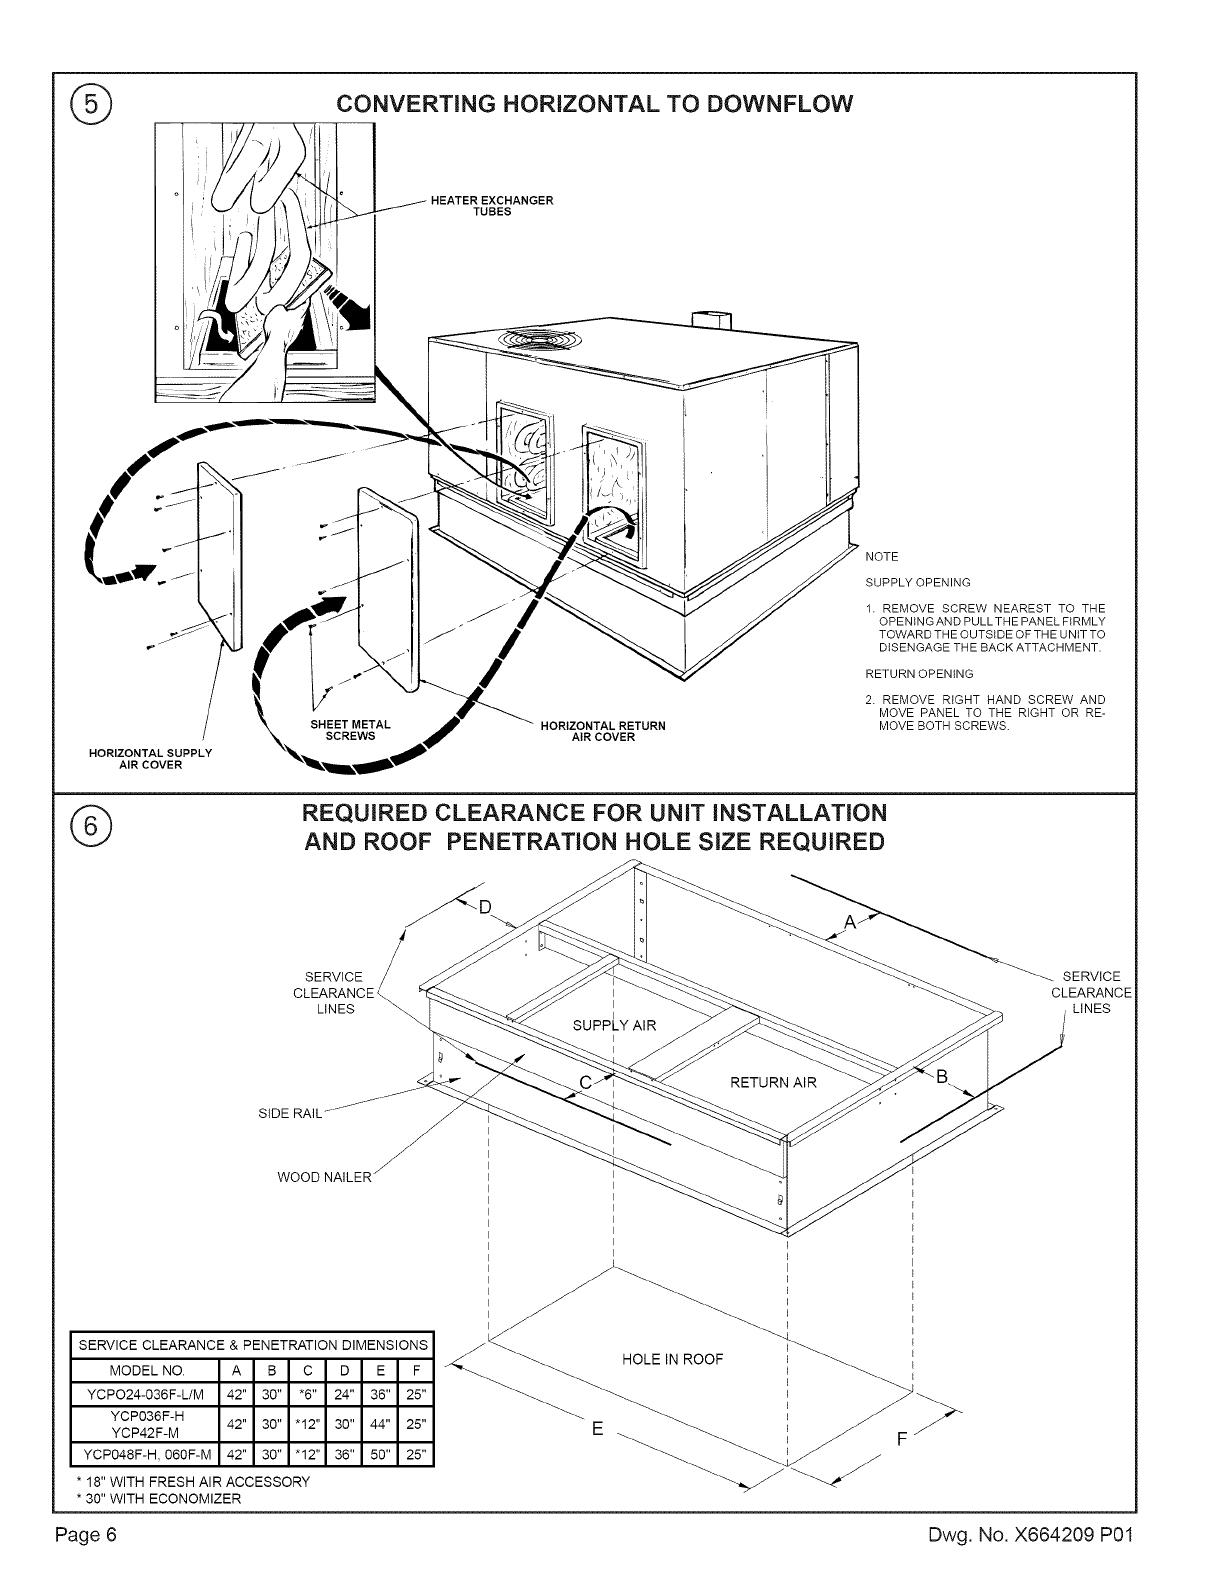 trane gpnd wiring diagram database Trane Schematics Diagrams wiring diagram trane ycd wiring diagram database trane gpnd